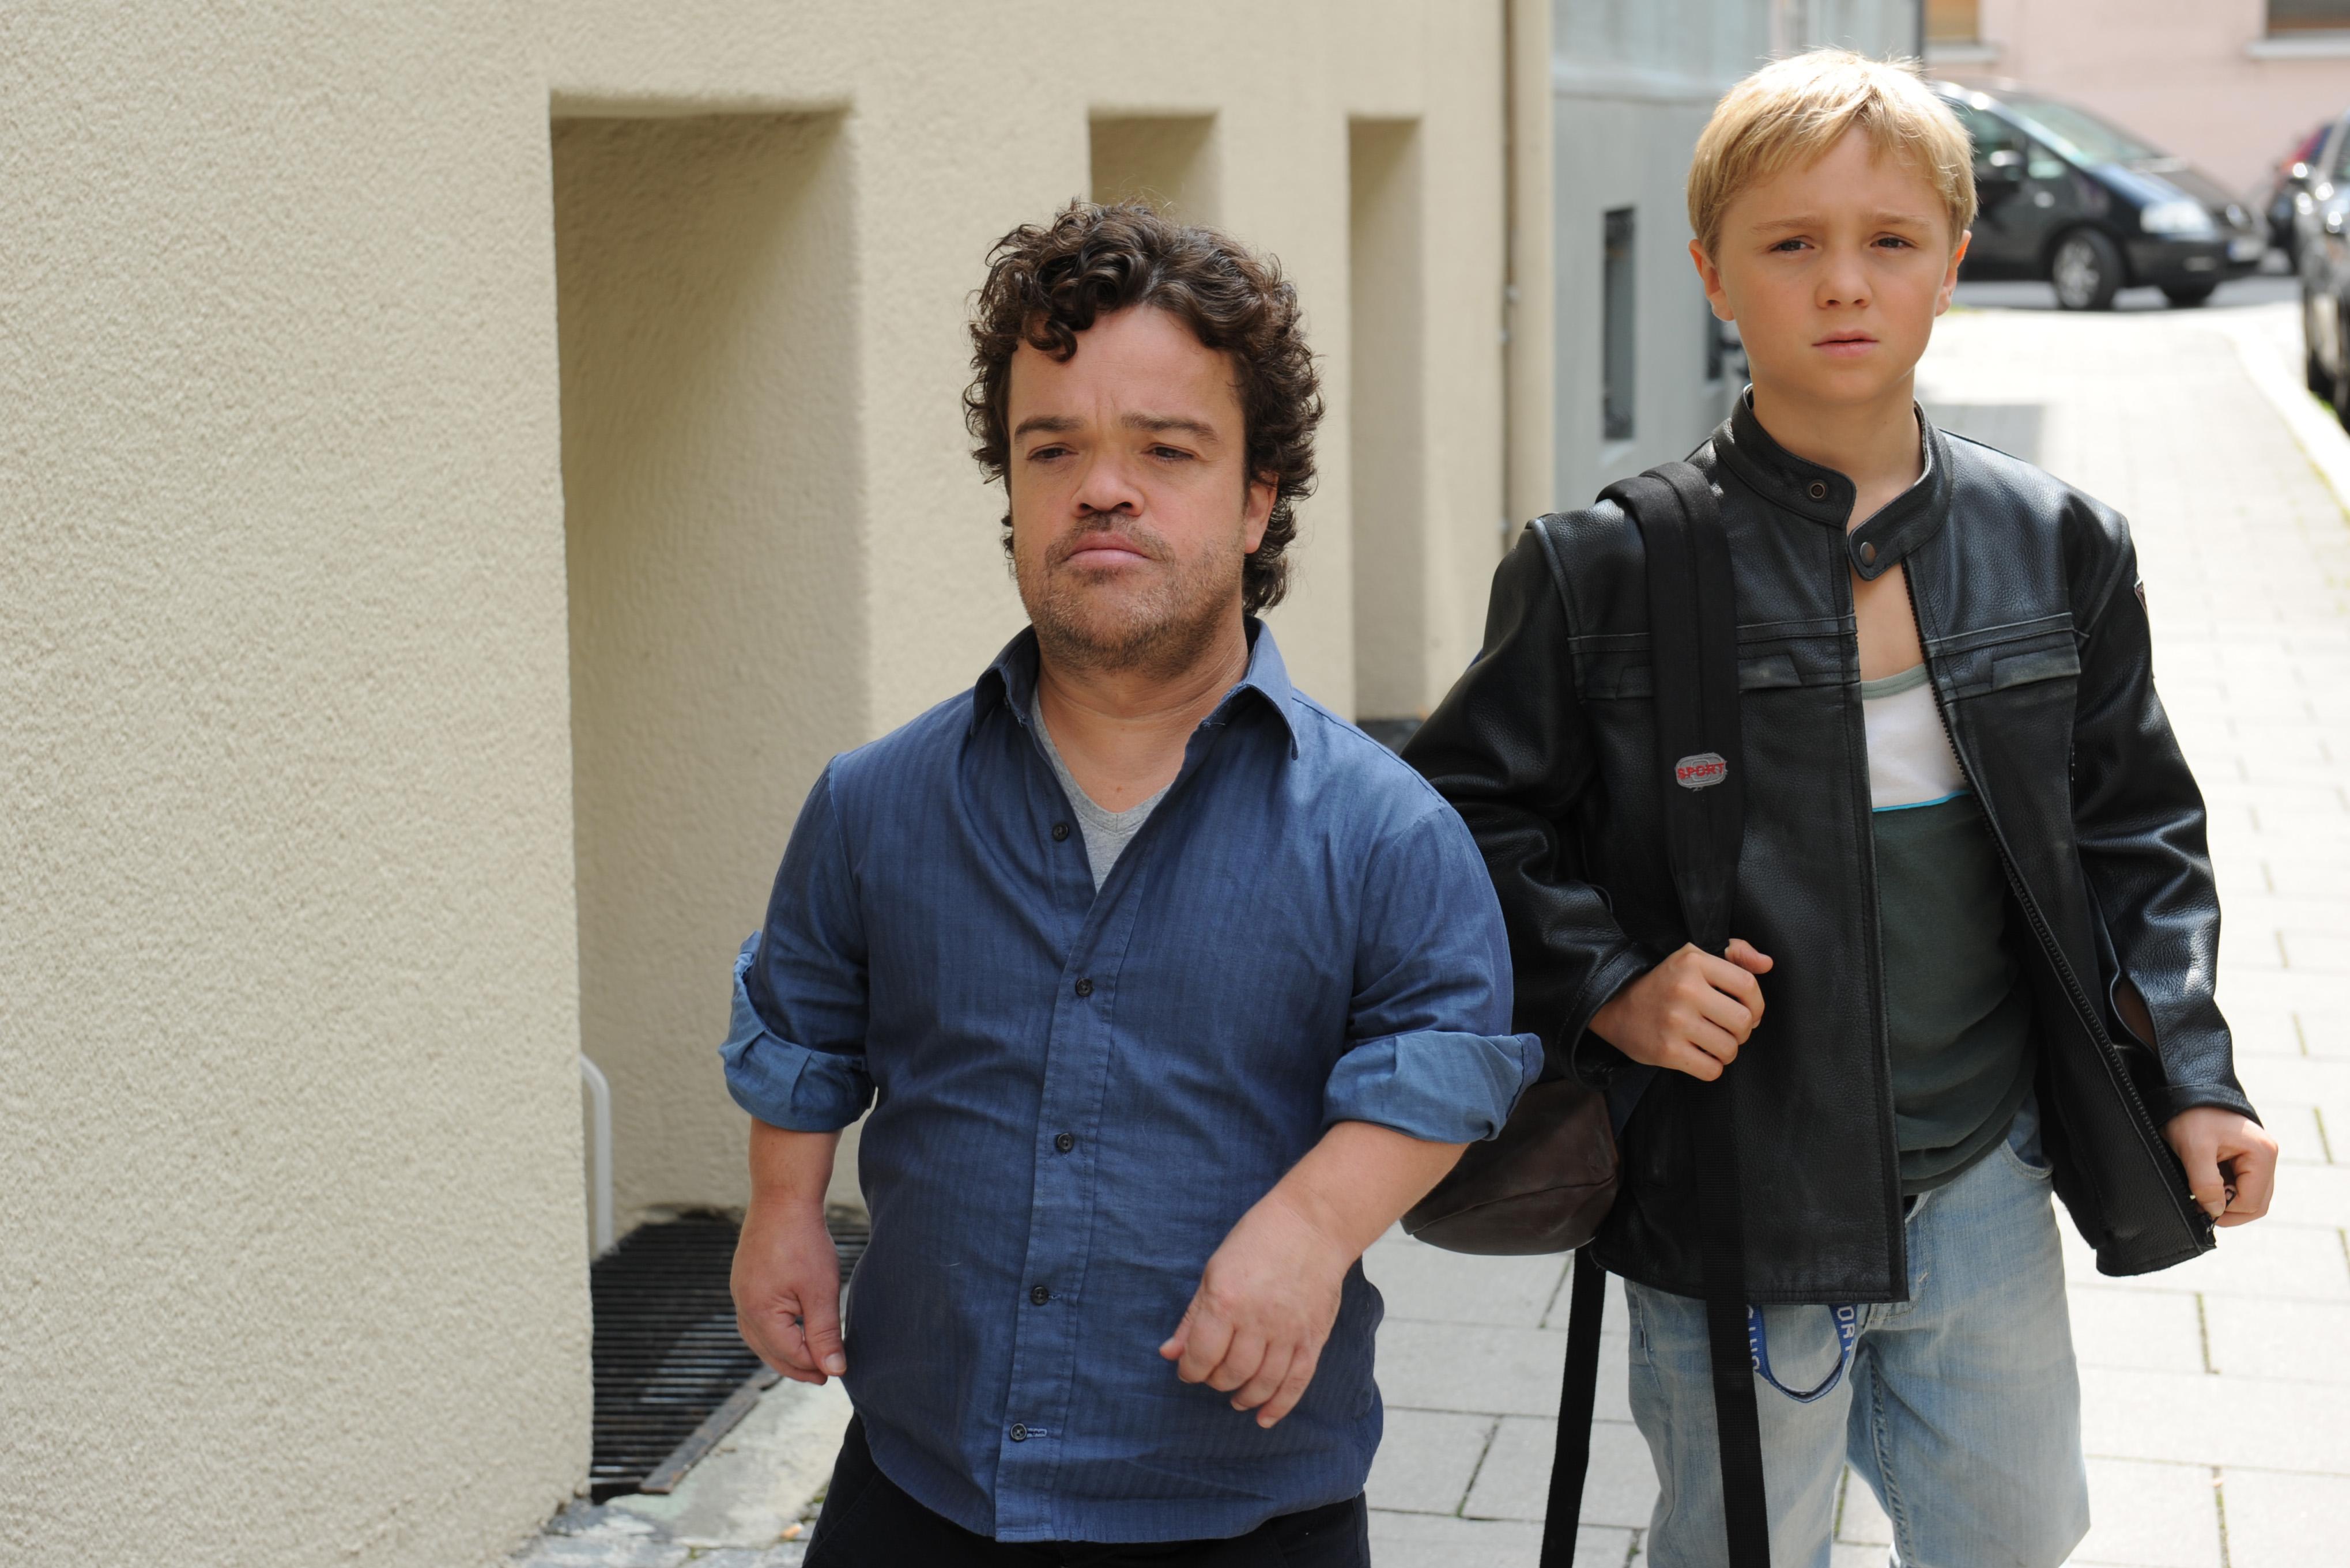 Michi und sein Vater Tom laufen über die Straße. Ihre Gesichter sind ernst. Tom trägt ein blaues locker hochgekrempeltes Hemd. Michi eine schwarze Lederjacke und einen Rucksack.